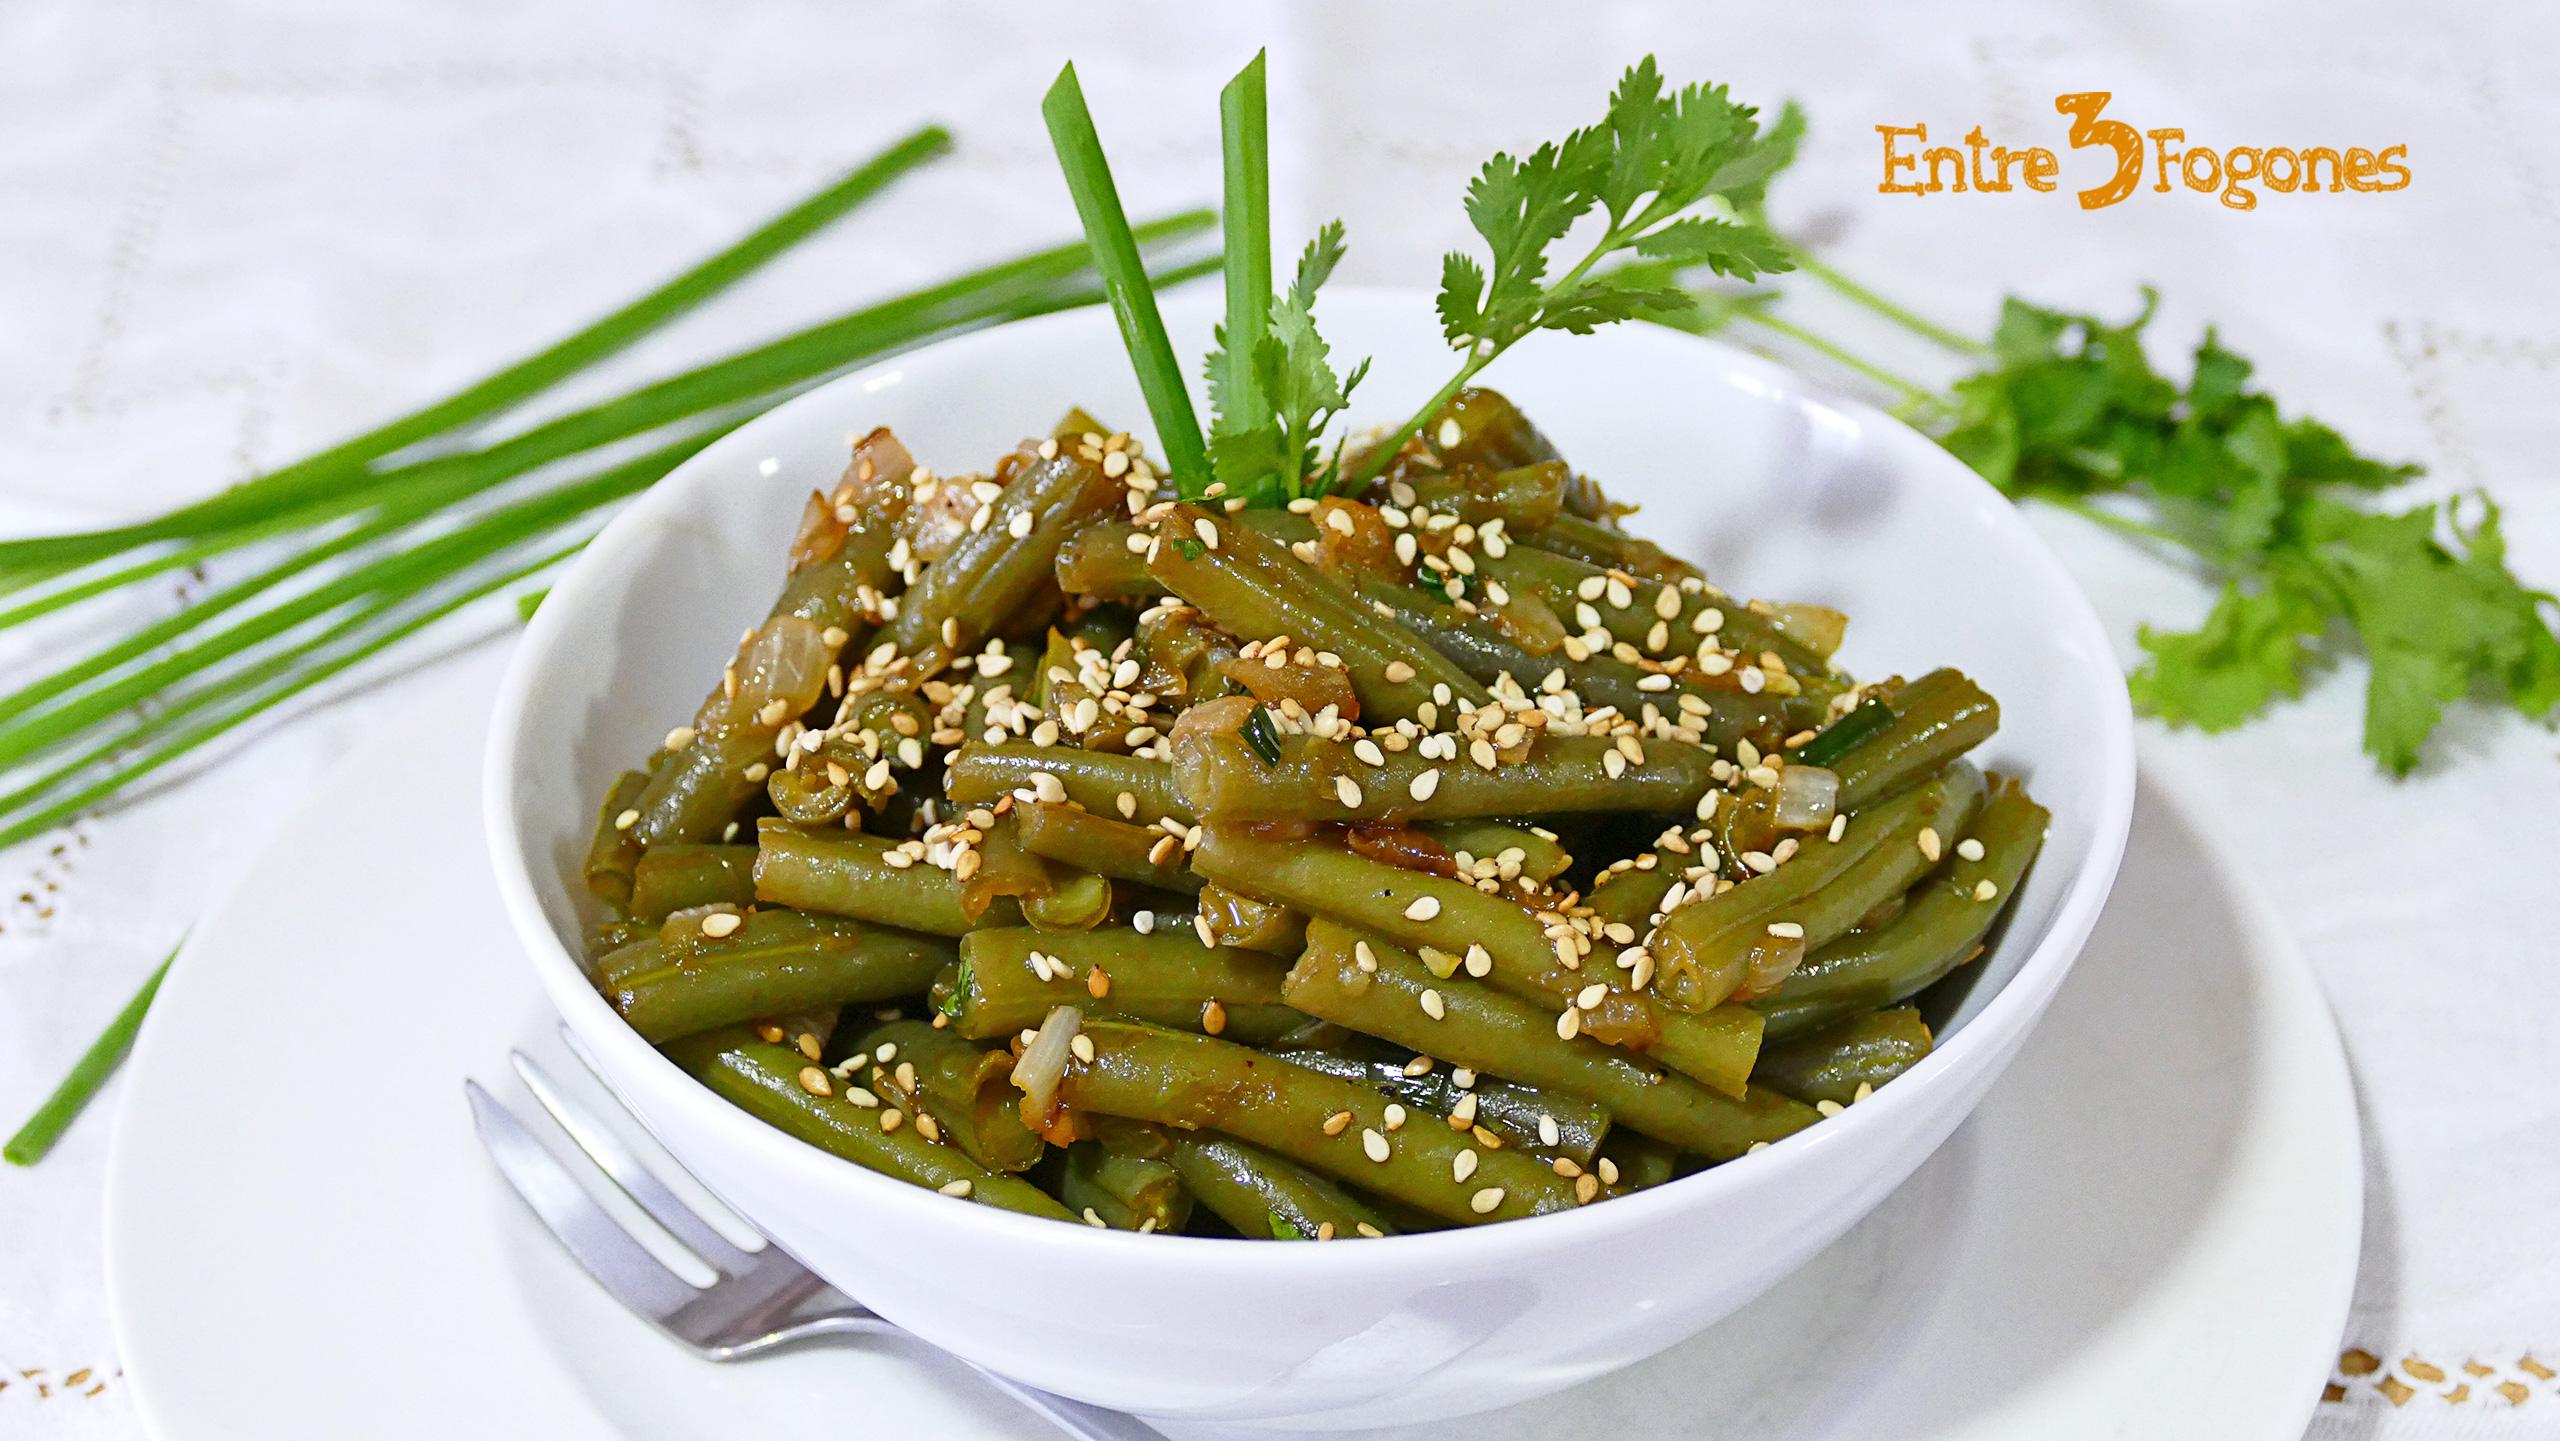 Ensalada de Judías Verdes Vegetariana